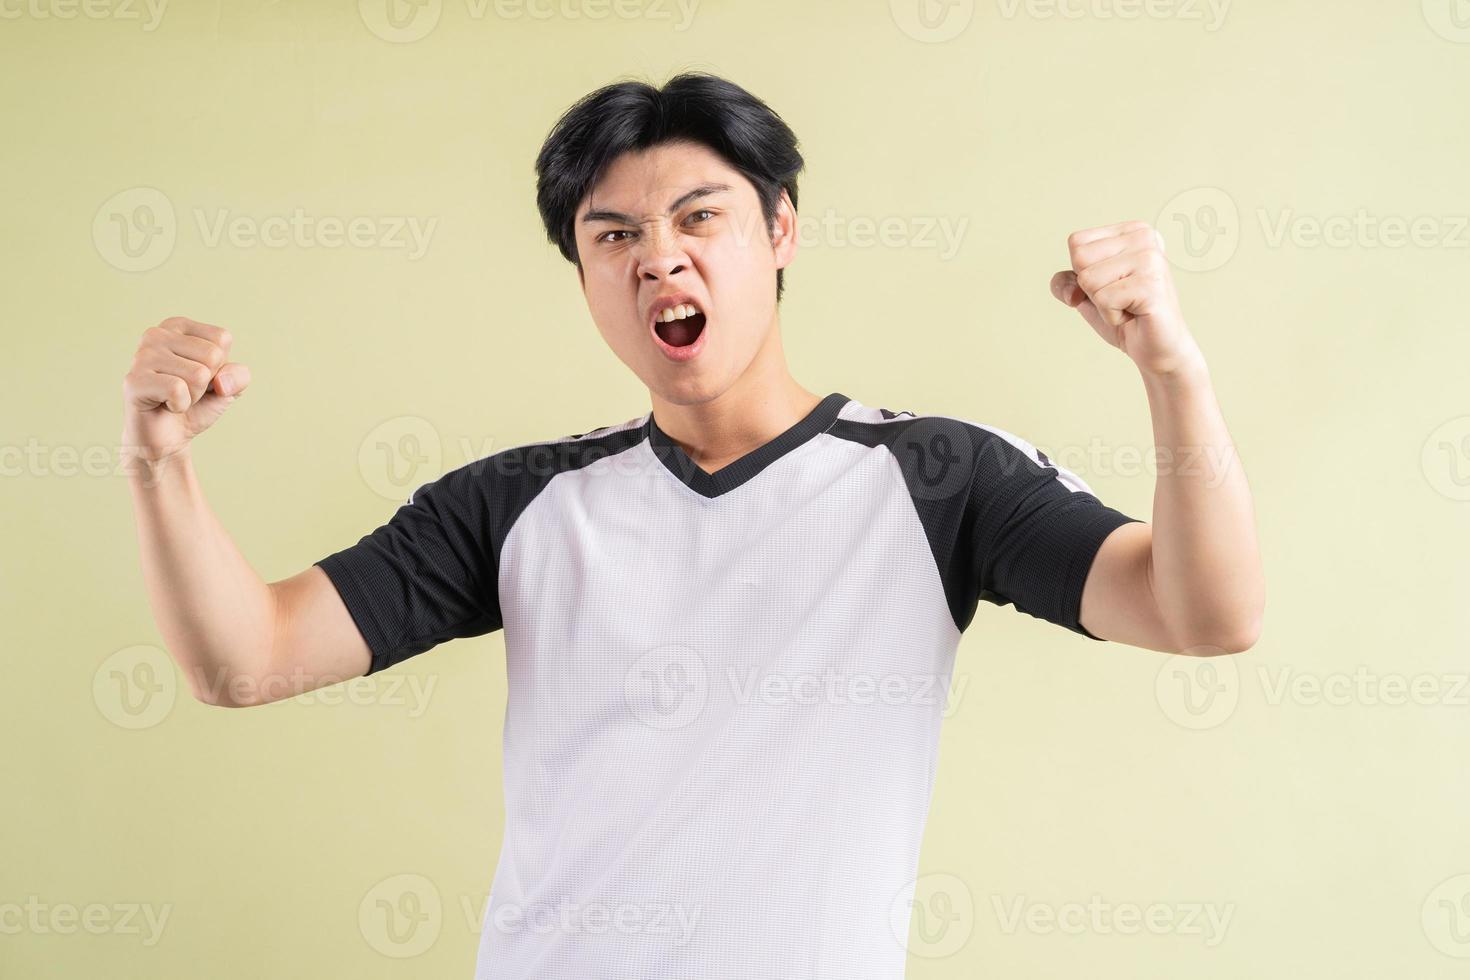 l'uomo asiatico stava urlando con un'espressione trionfante foto